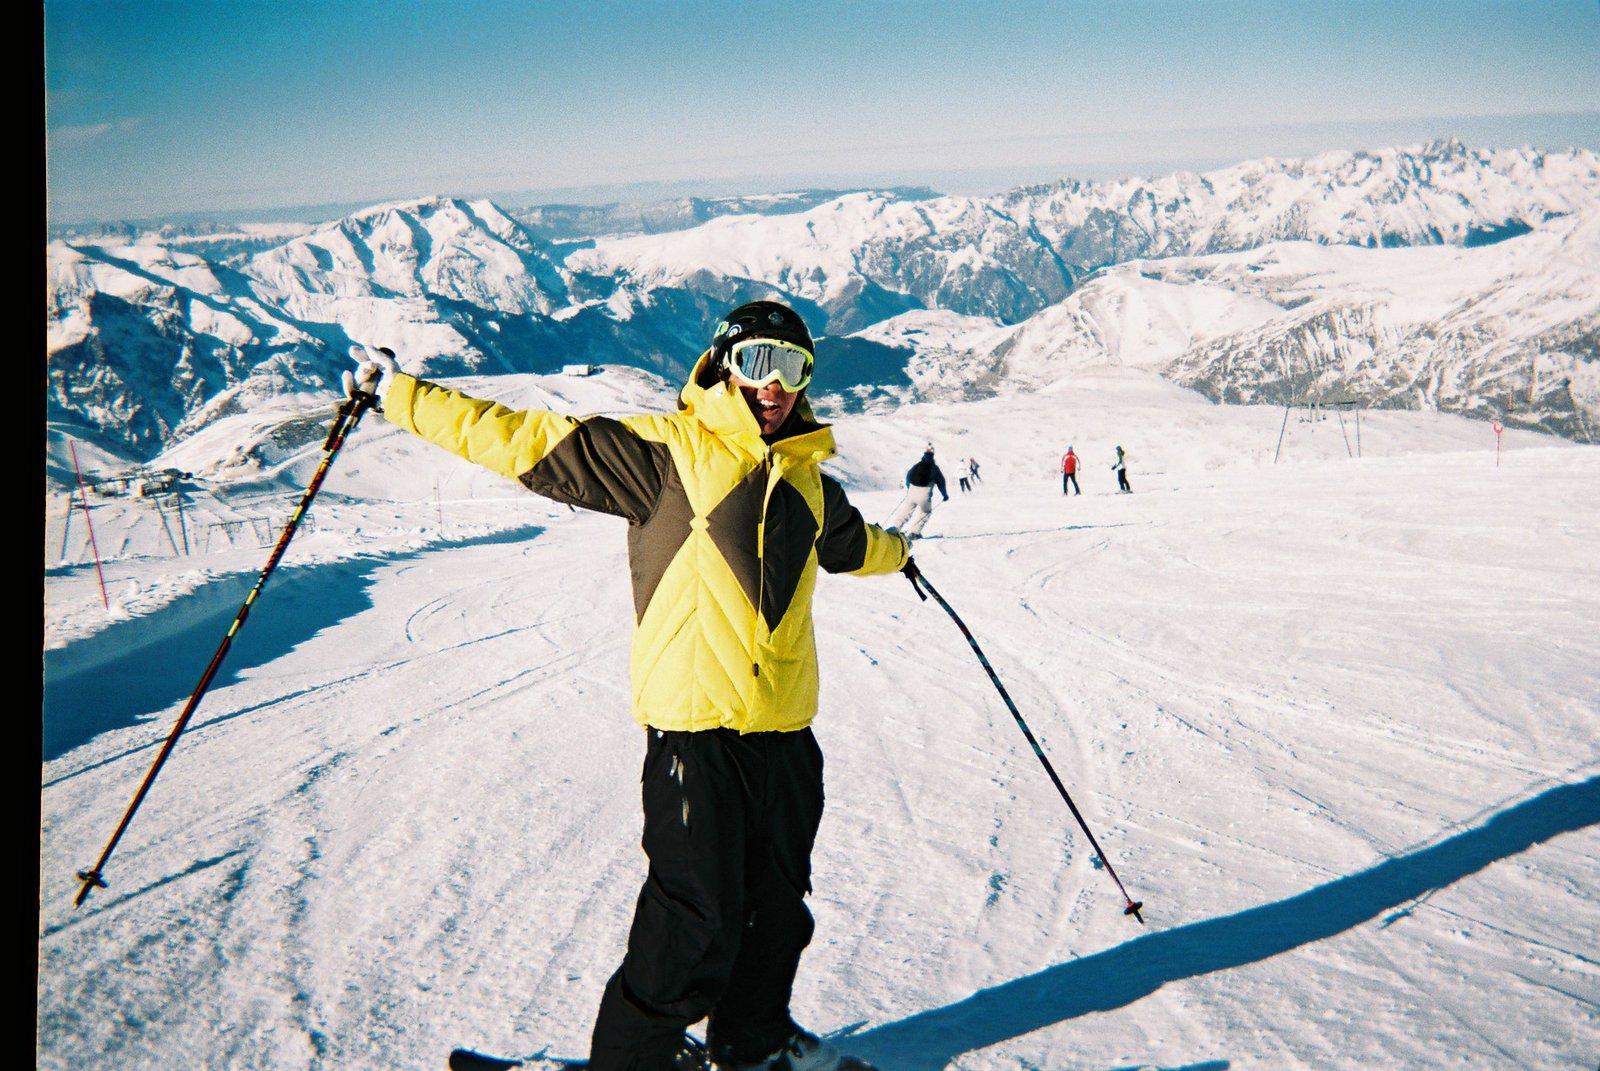 Les Deux Alpes Jan 2009